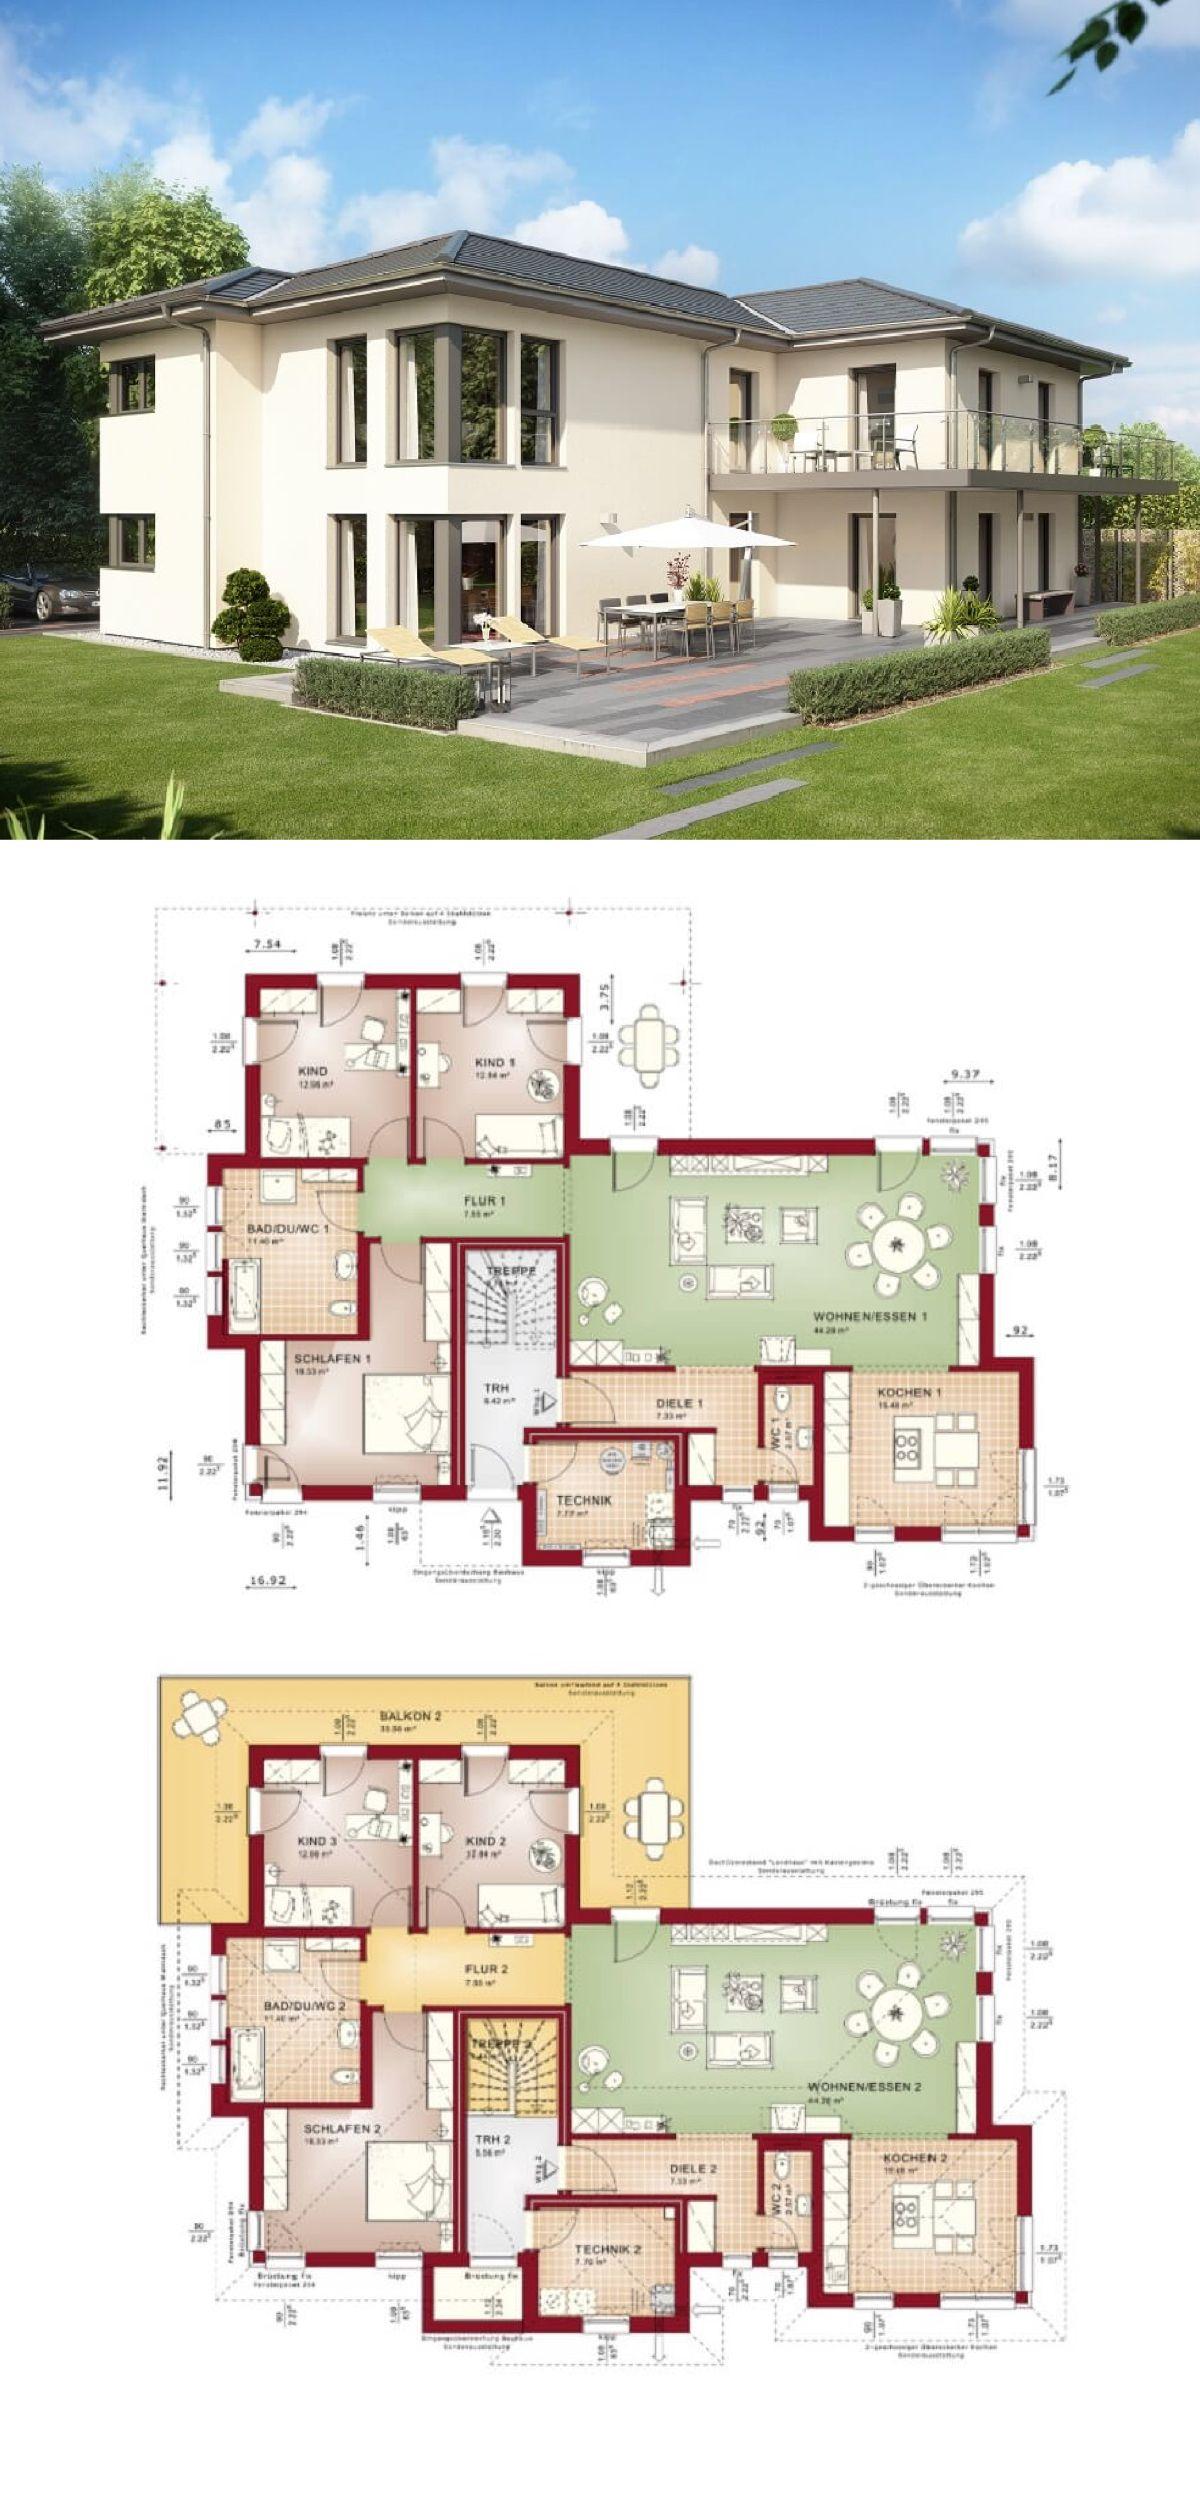 Zweifamilienhaus Mit Walmdach Und Einliegerwohnung Bauen   Haus Ideen  Grundriss Celebration 282 V5 Bien Zenker Fertighaus